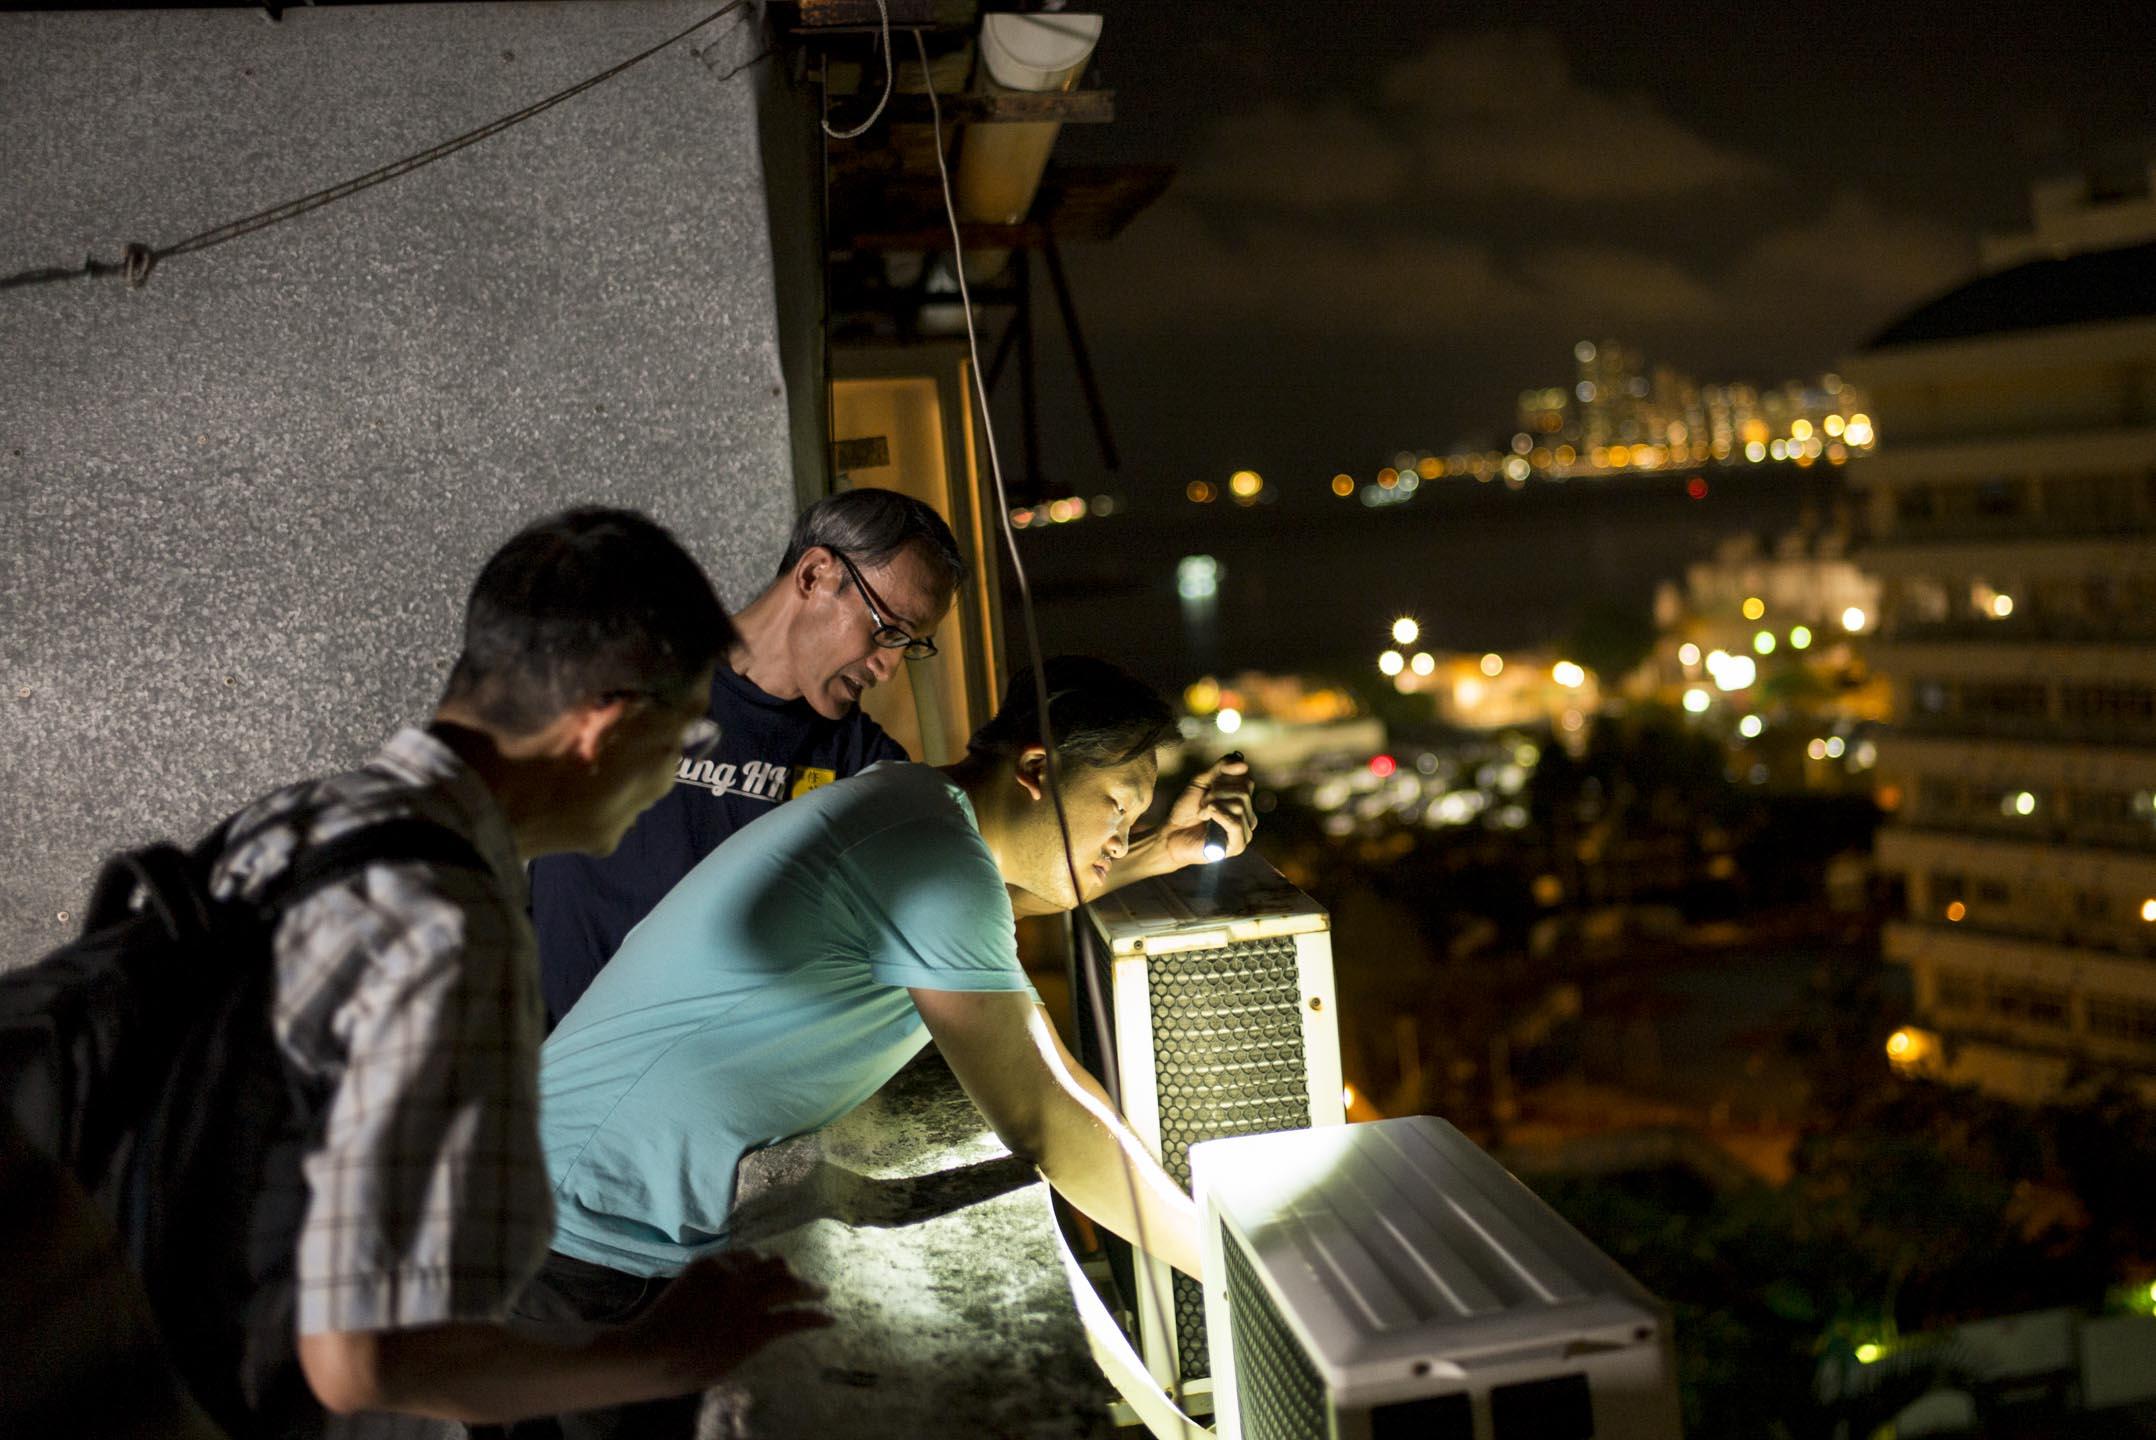 「維修香港」是一支特殊的社區維修隊,每周四,維修隊伍會分隊上樓為街坊義務維修家室,恆常參與者有十、二十多人,往來重訪的不計其數。這天琛師父和文浩到一幢天台屋修理冷氣。